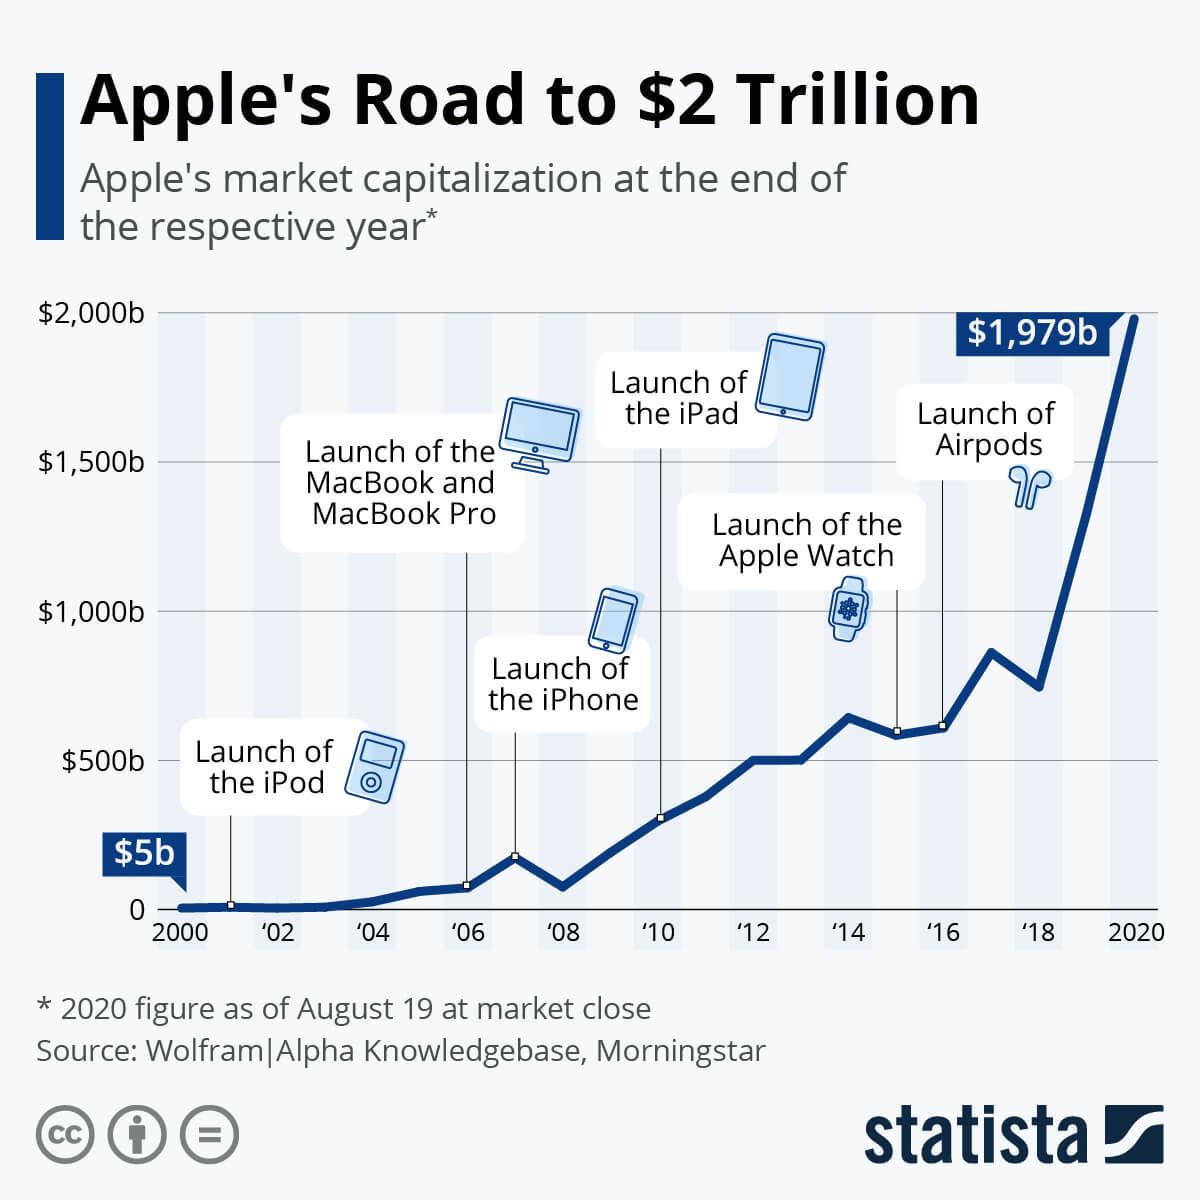 برند اپل و سهام 2 تریلیون دلاری